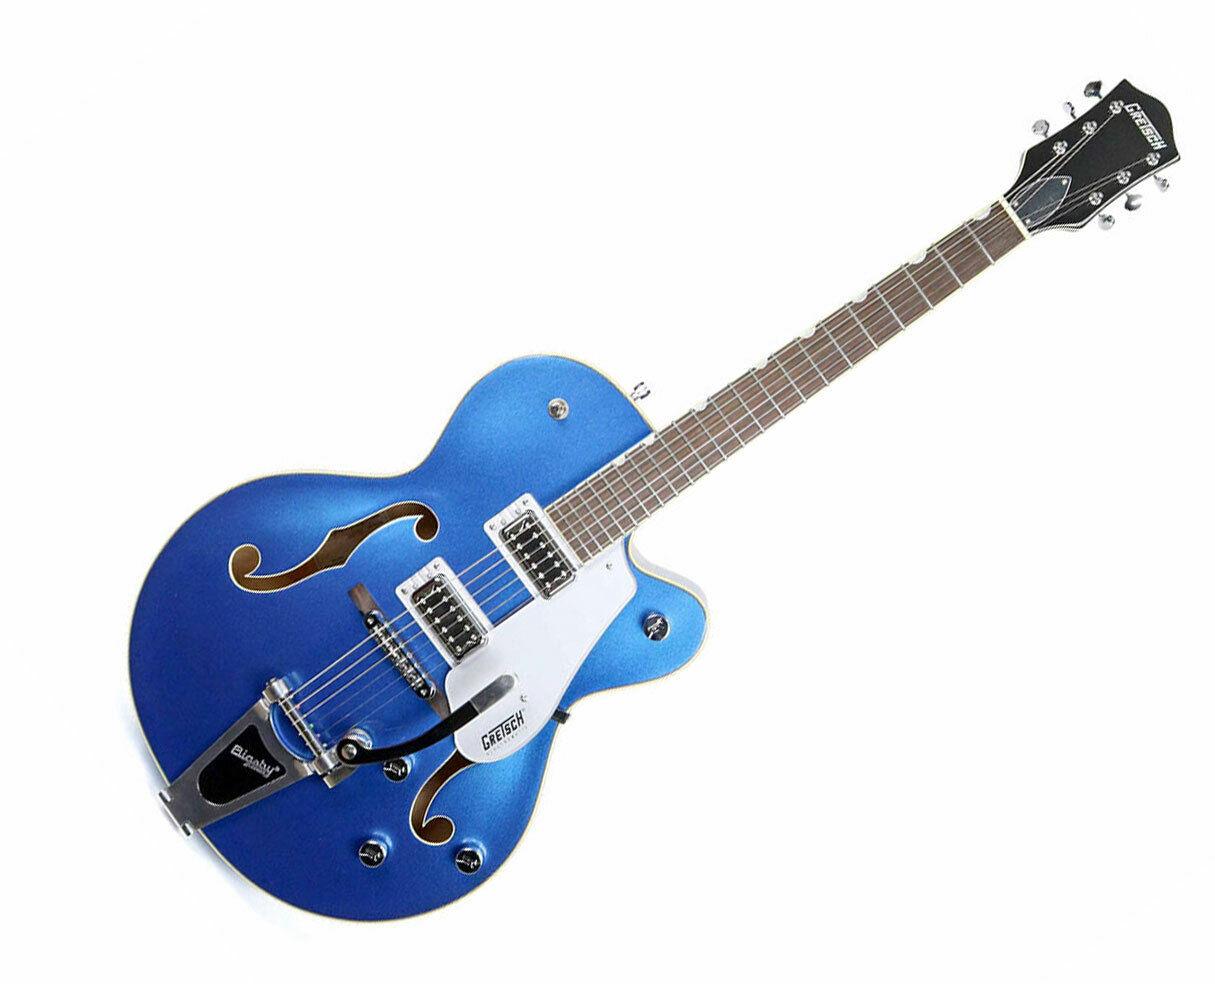 Gretsch G5420T Elektromatischer Hollowbody mit Bigsby Fairlane Blau